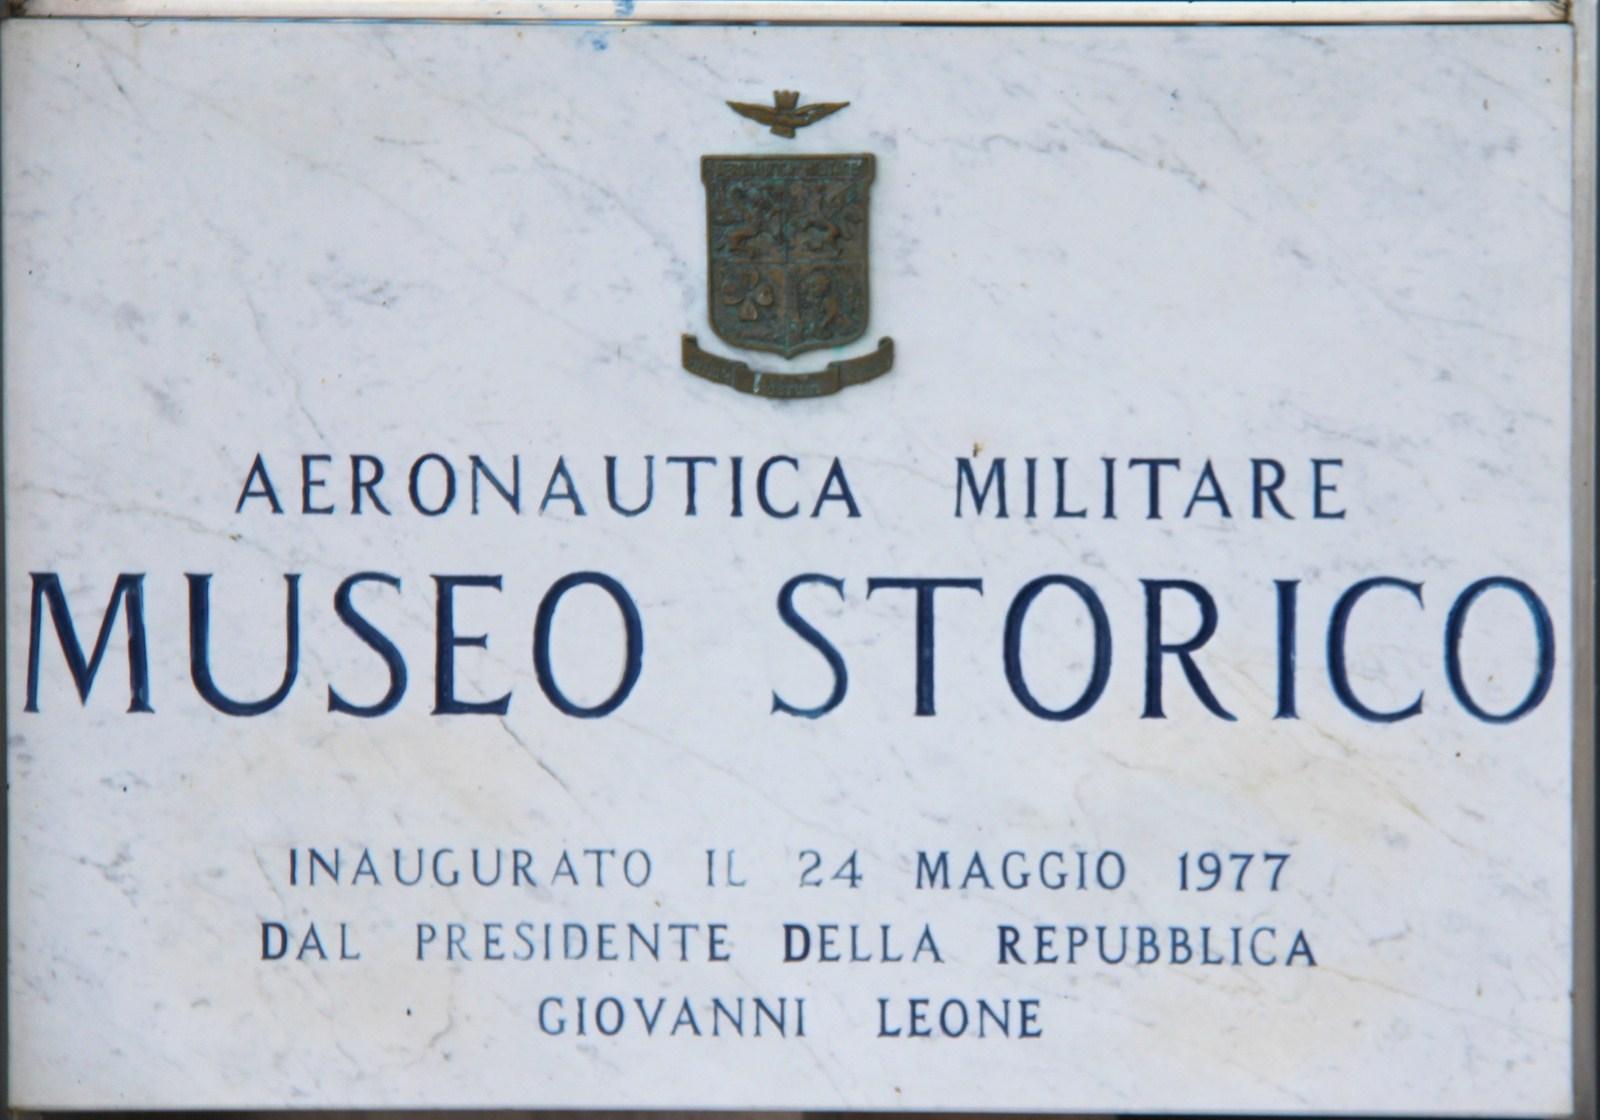 MUSEO STORICO DELL'AERONAUTICA MILITARE - Un giro tra i cimile che hanno segnato la storia della nostra Aeronutica Militare, esposti al museo storico di Vigna di Valle sul lago di Bracciano.